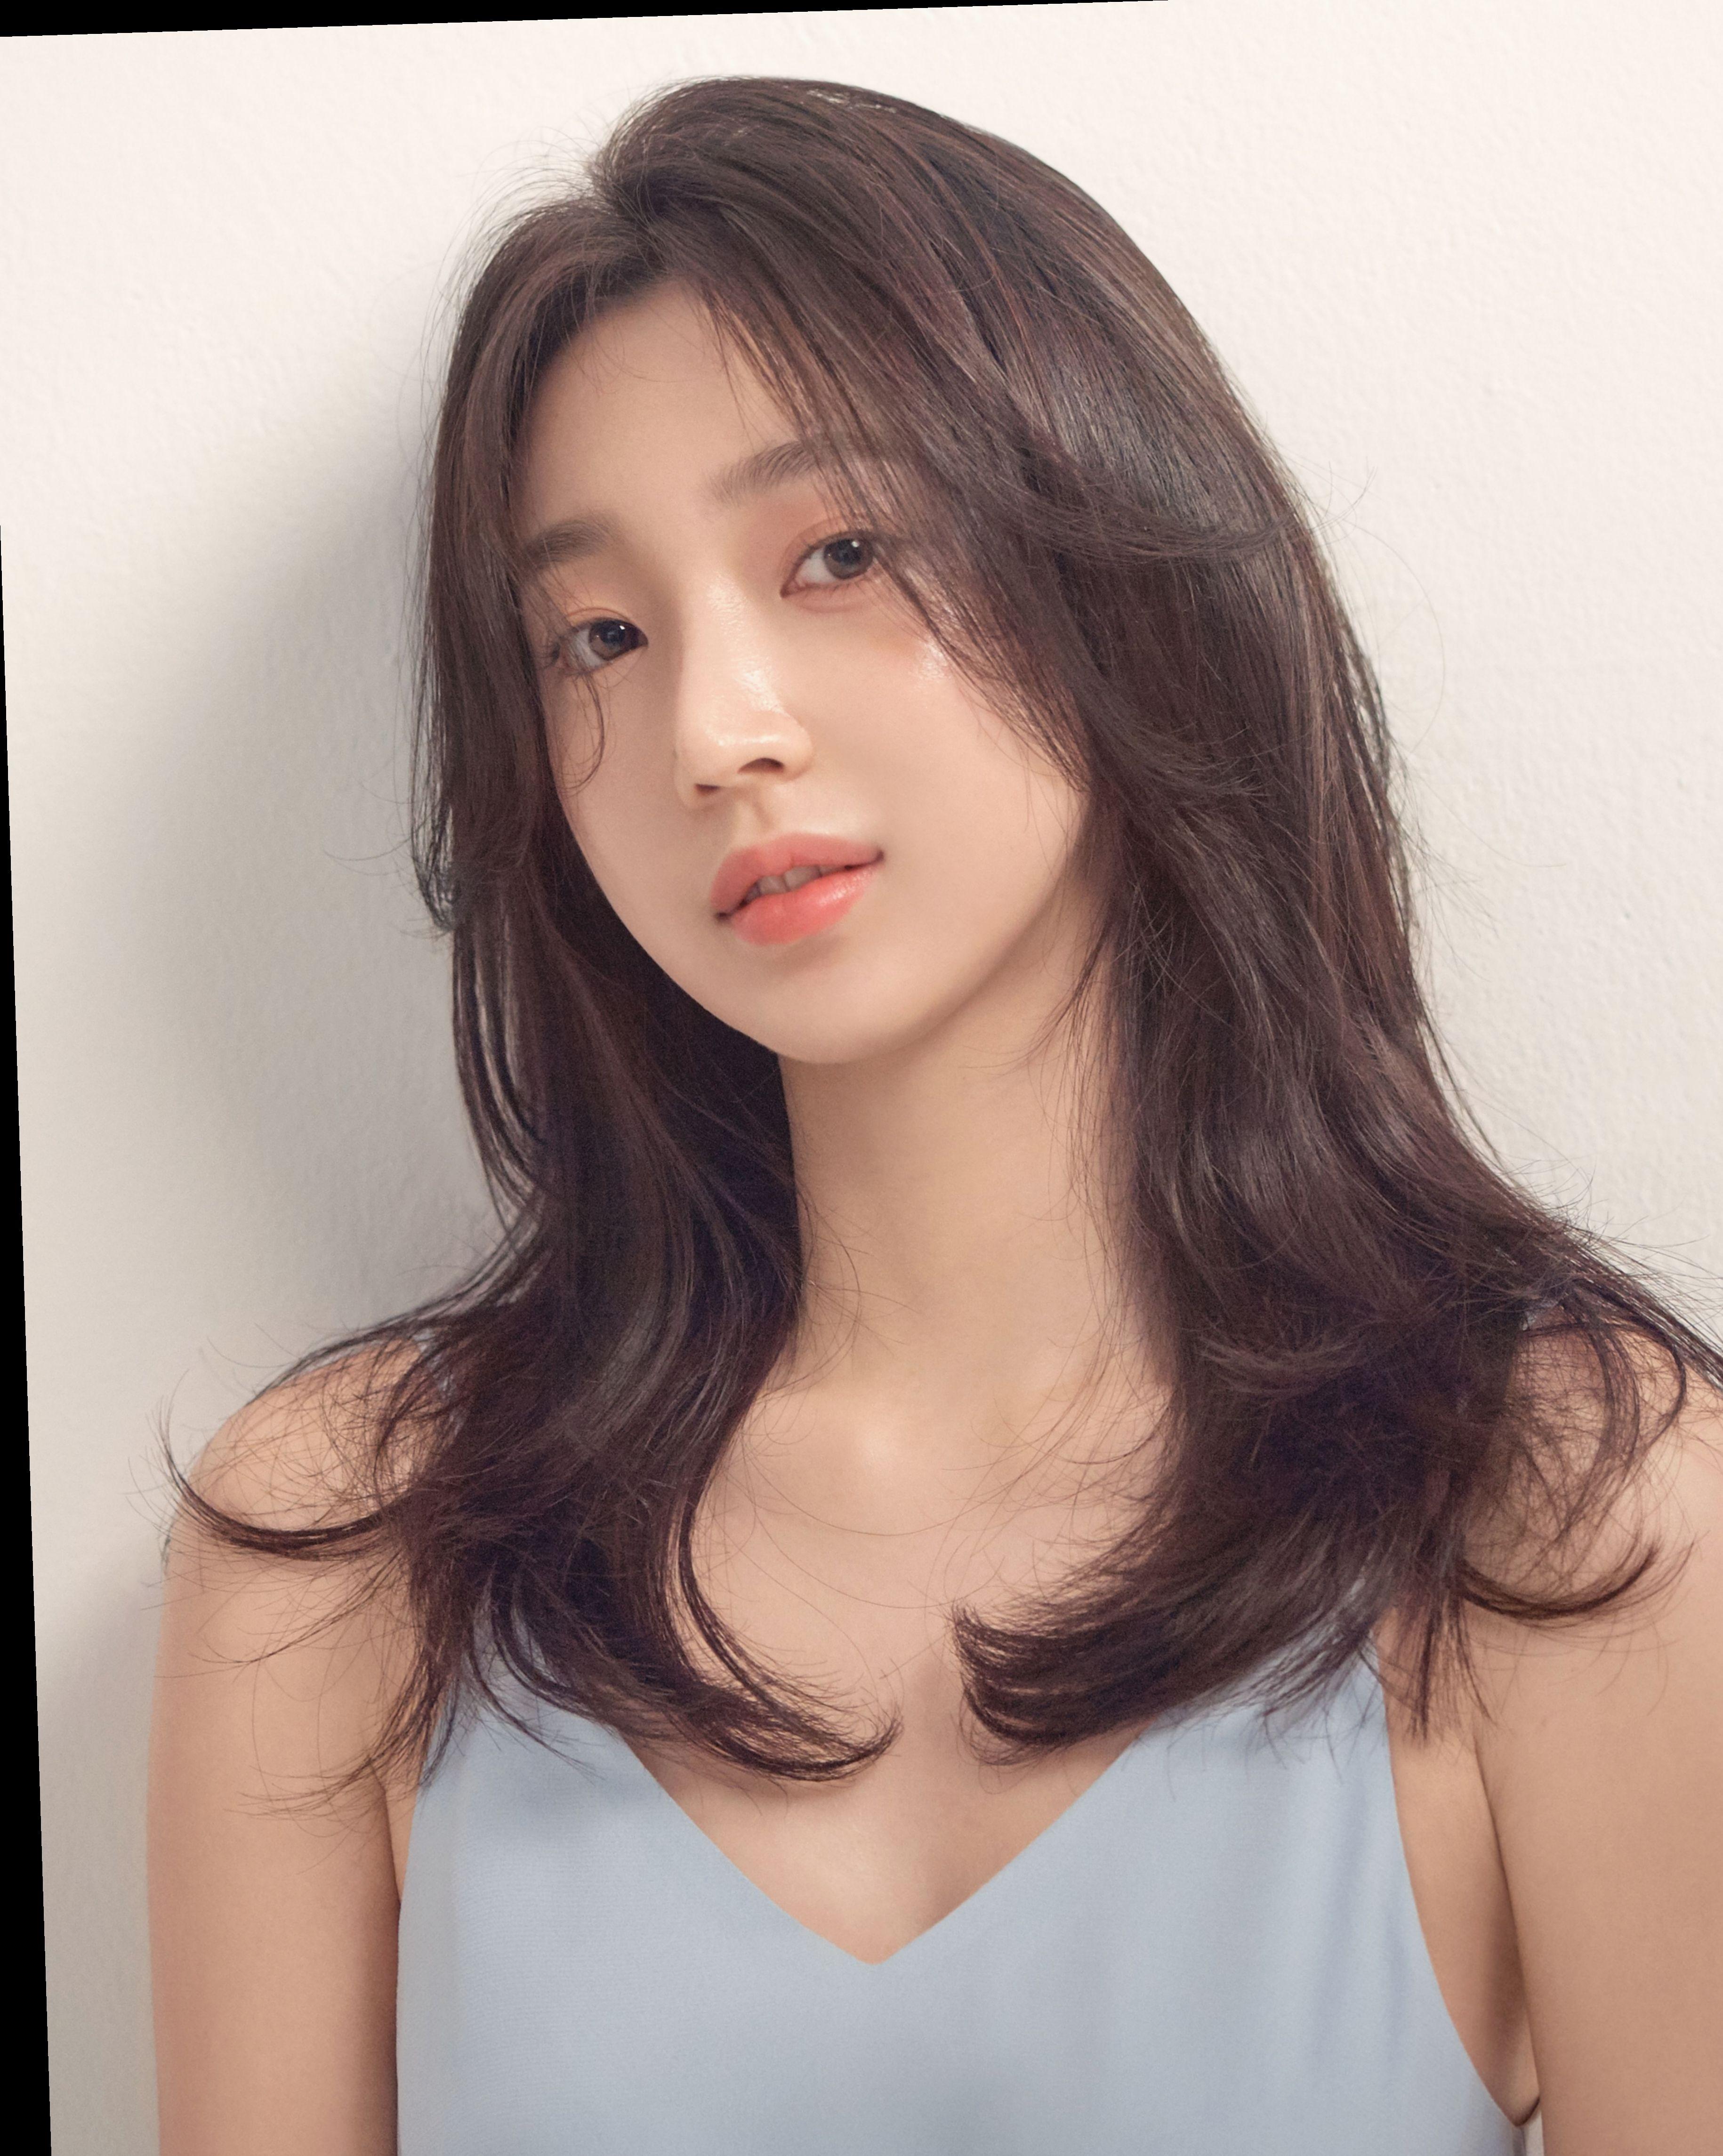 Hairstyles 2019 Trends Korean Livedinhair Salonrepublic Beachwavehair Hair Styles Medium Hair Styles Korean Medium Hair